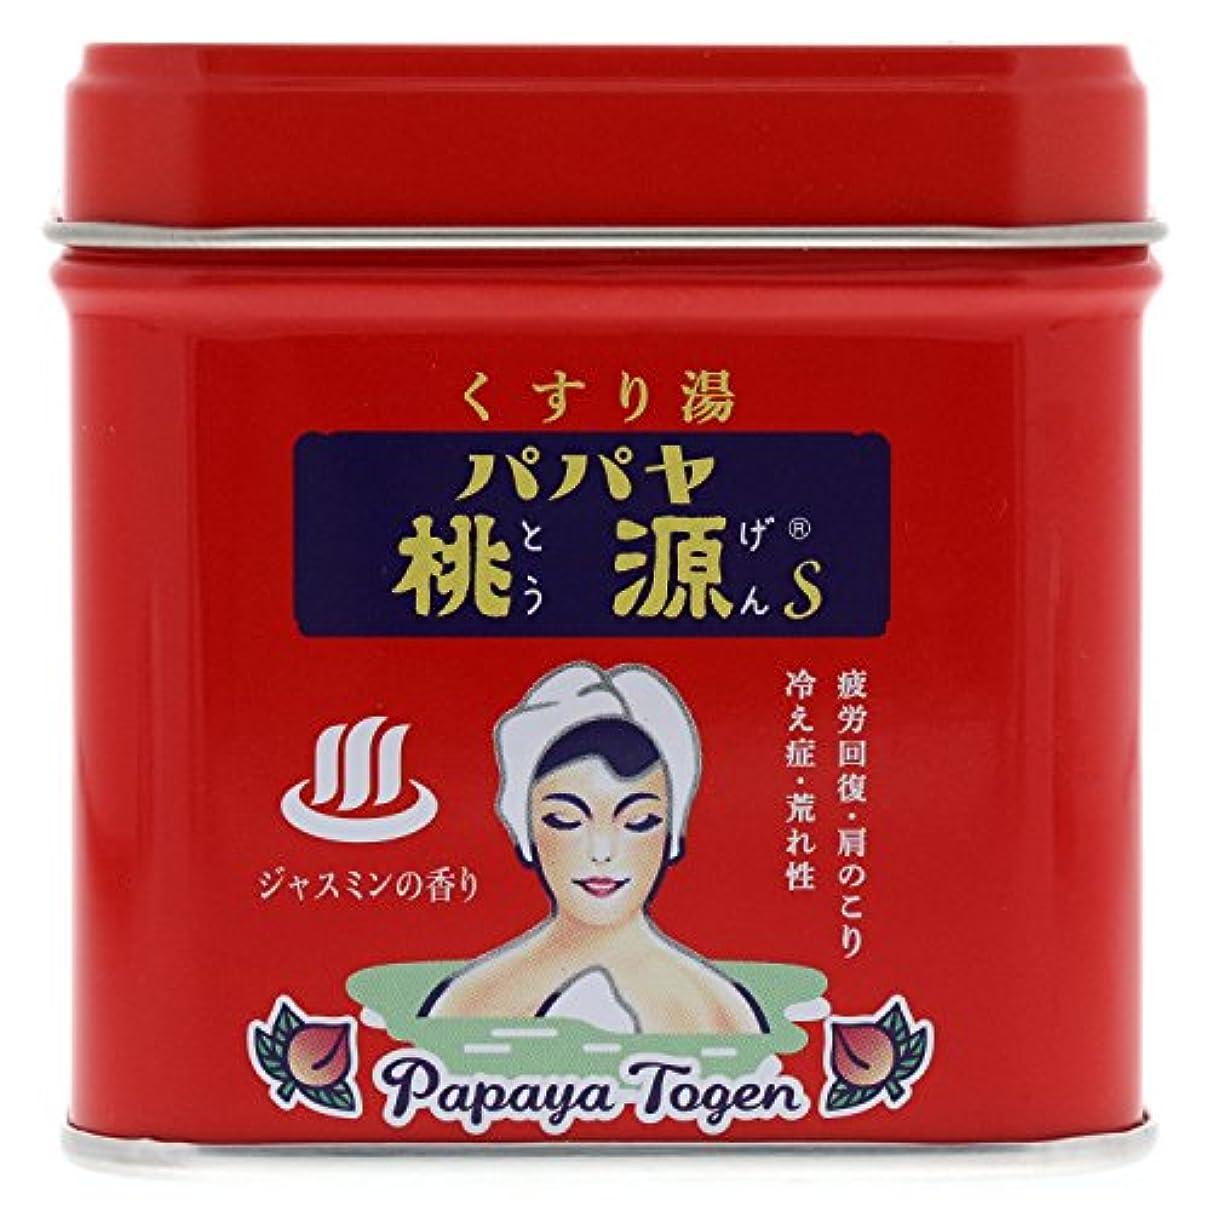 ご近所お別れレタッチパパヤ桃源S70g缶 ジャスミンの香り [医薬部外品]